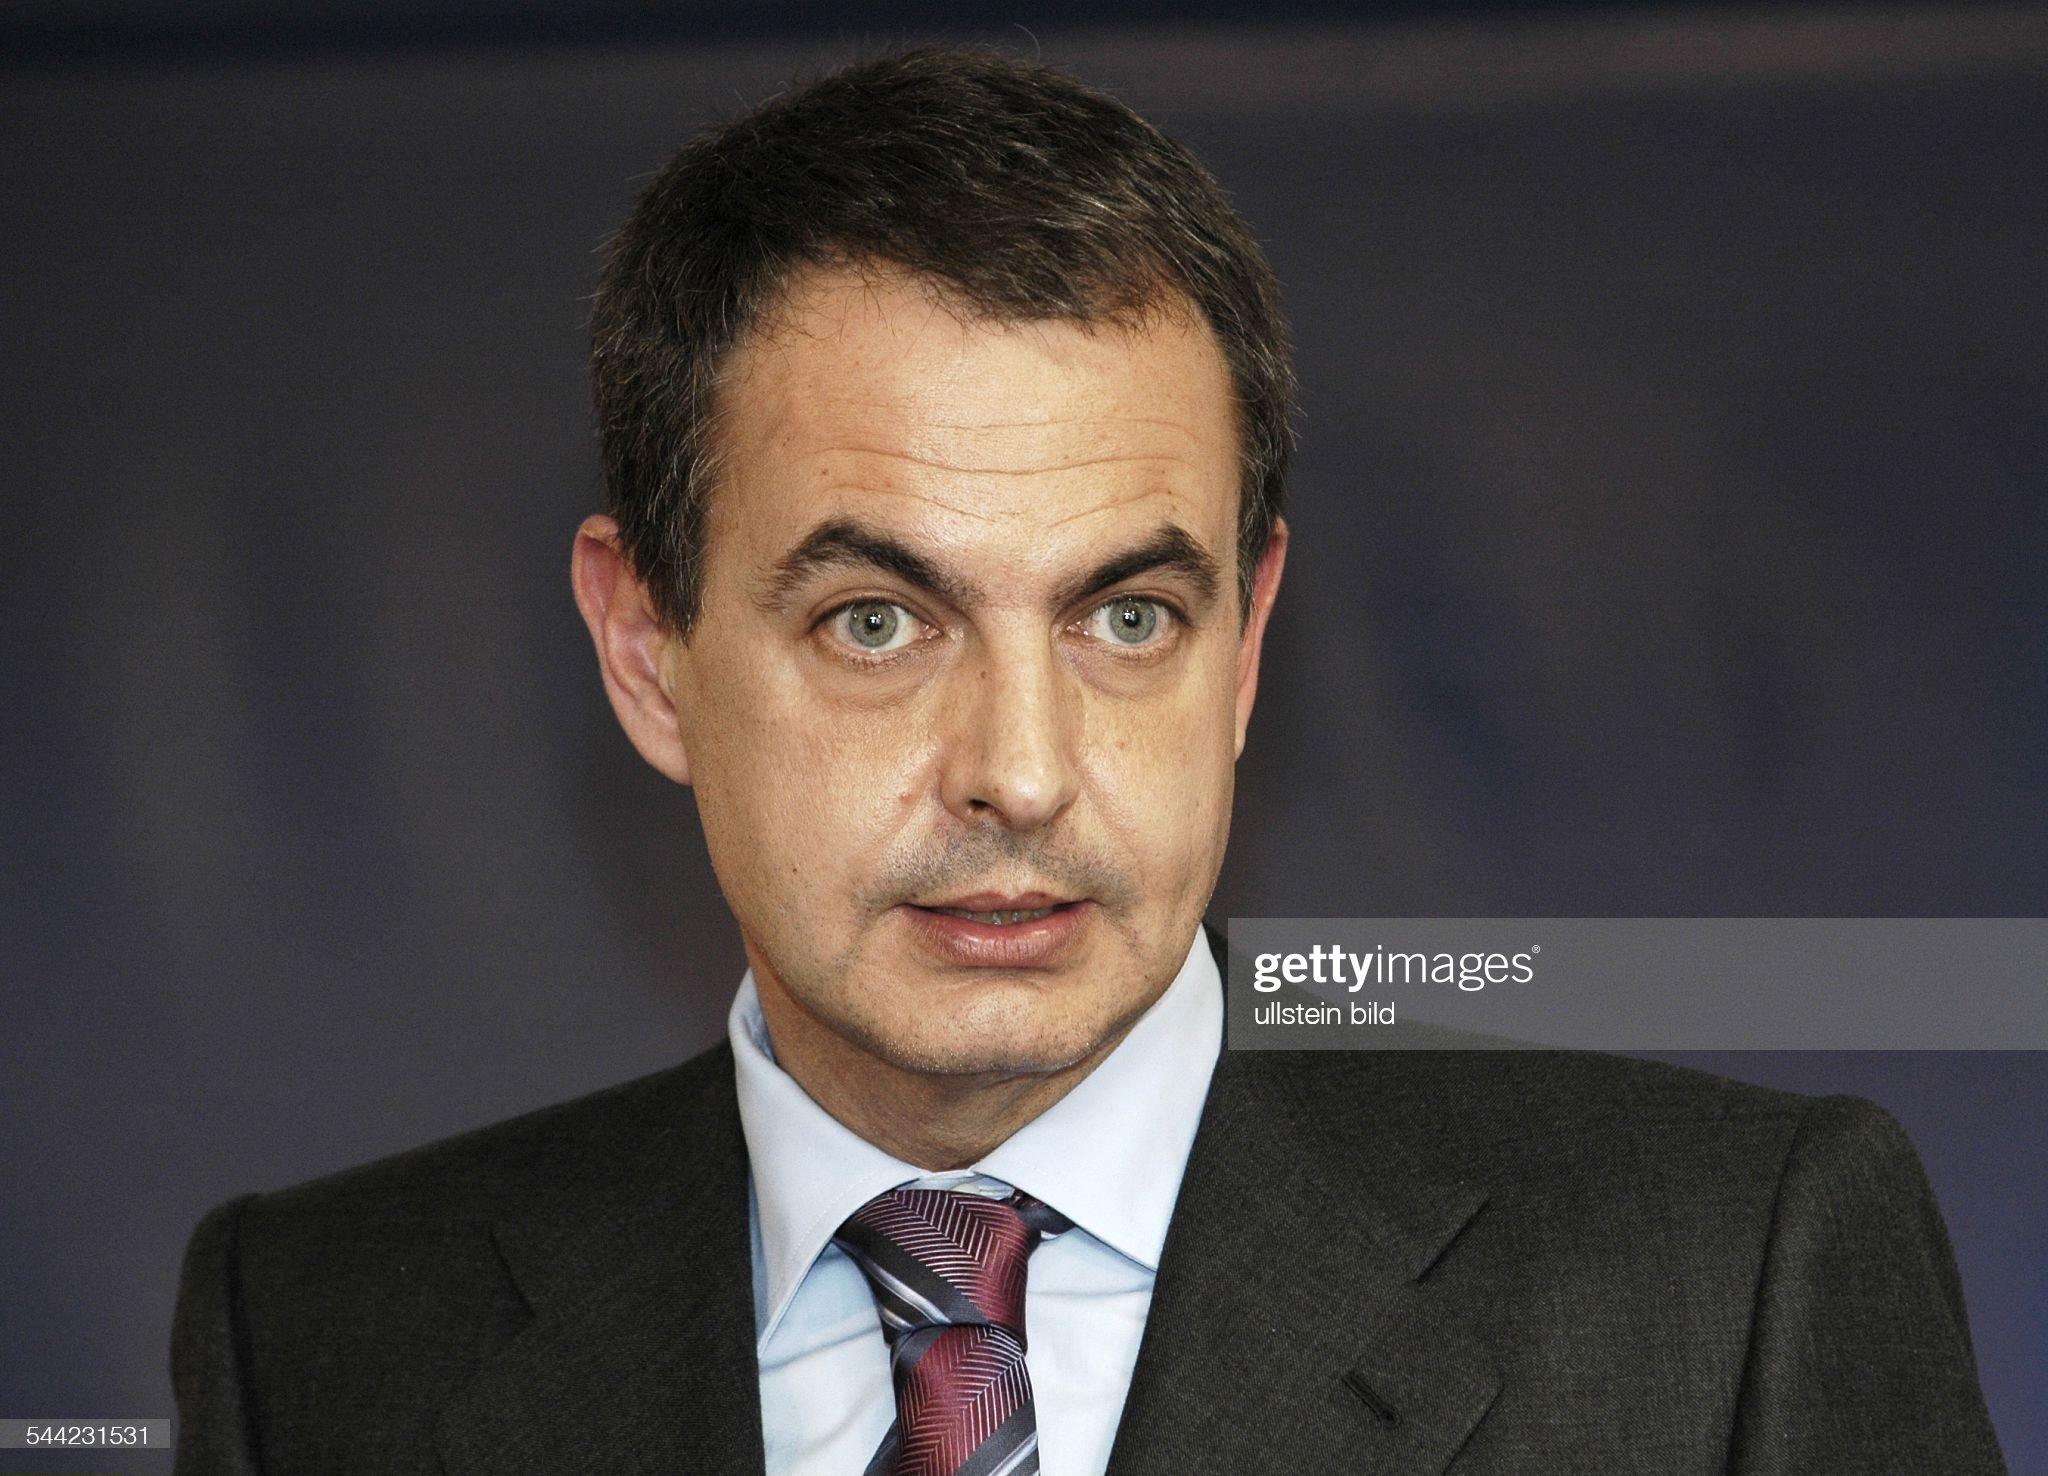 COLOR DE OJOS (clasificación y debate de personas famosas) - Página 8 Jose-luis-rodriguez-zapatero-premierminister-von-spanien-picture-id544231531?s=2048x2048